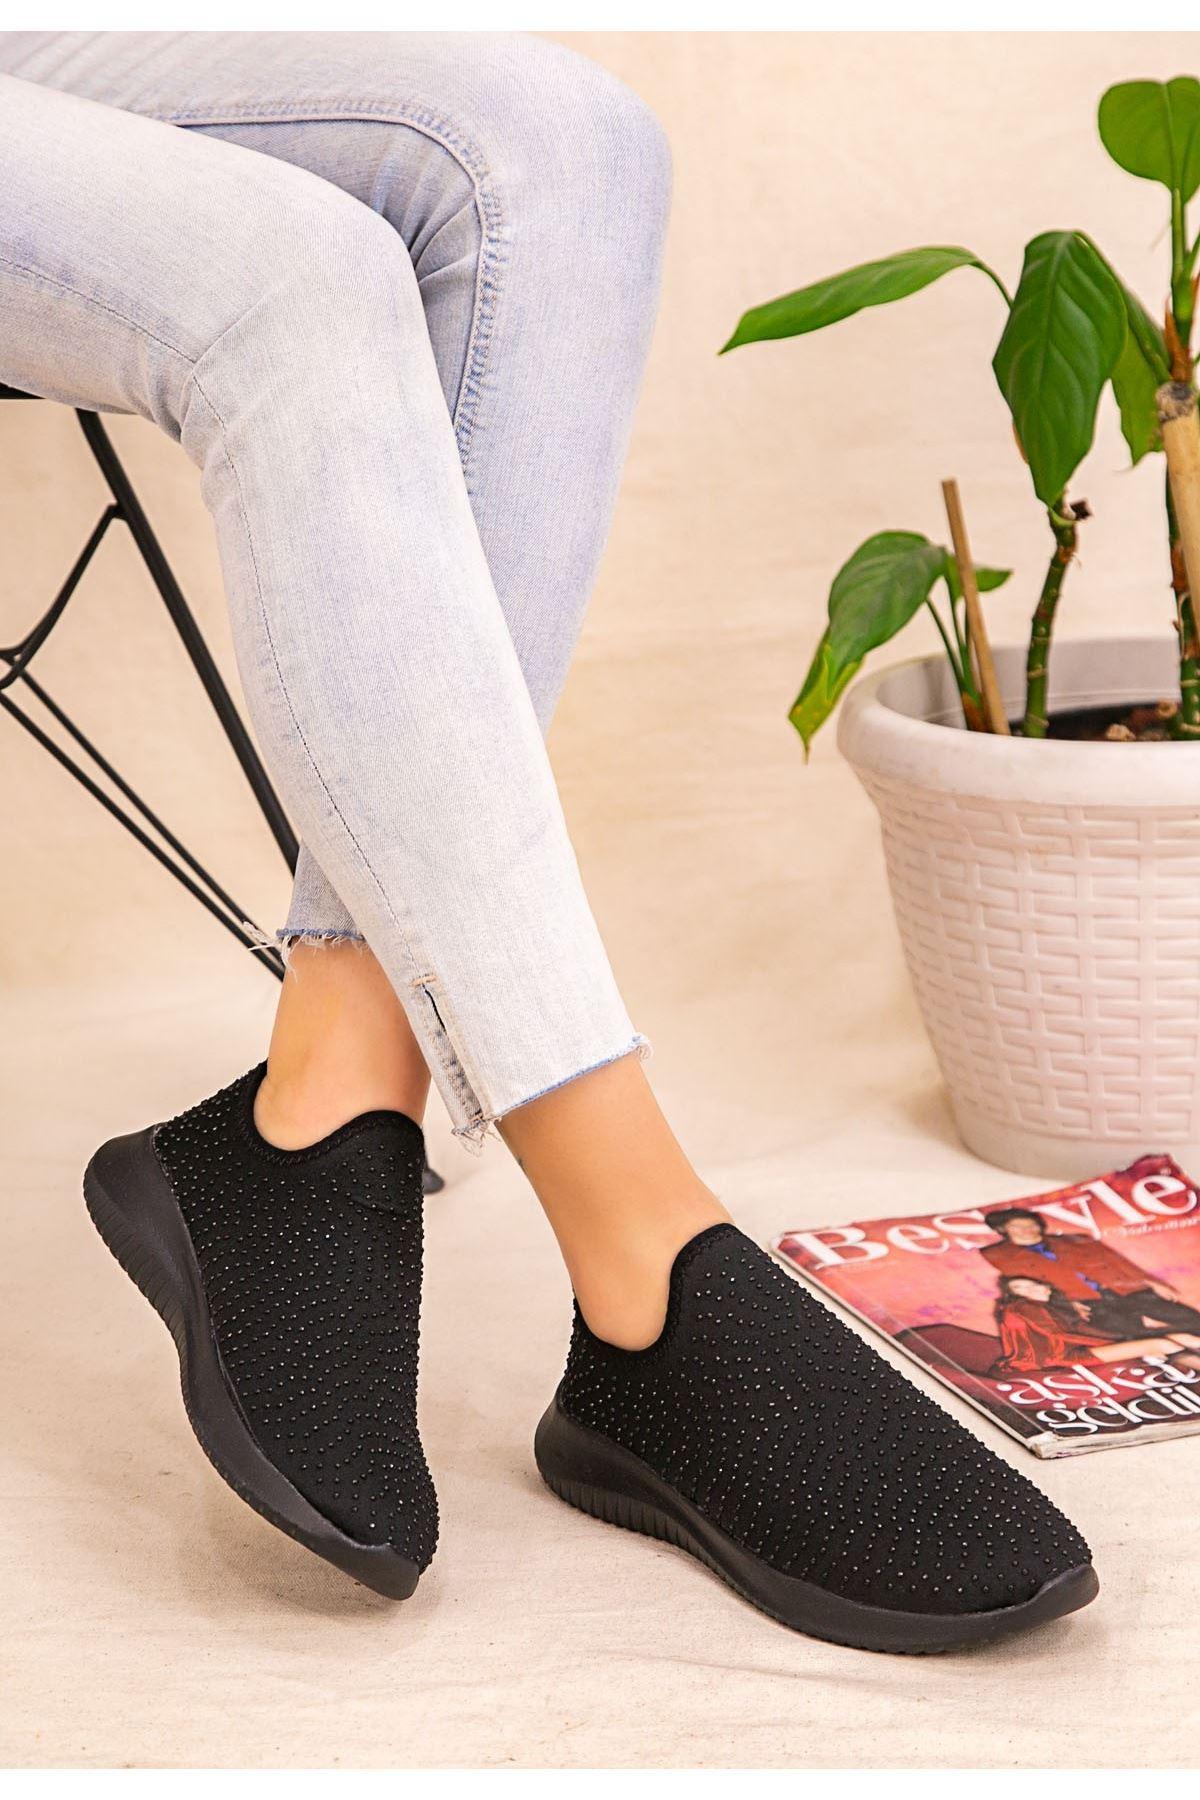 Stin Siyah Boncuk İşlemeli Spor Ayakkabı